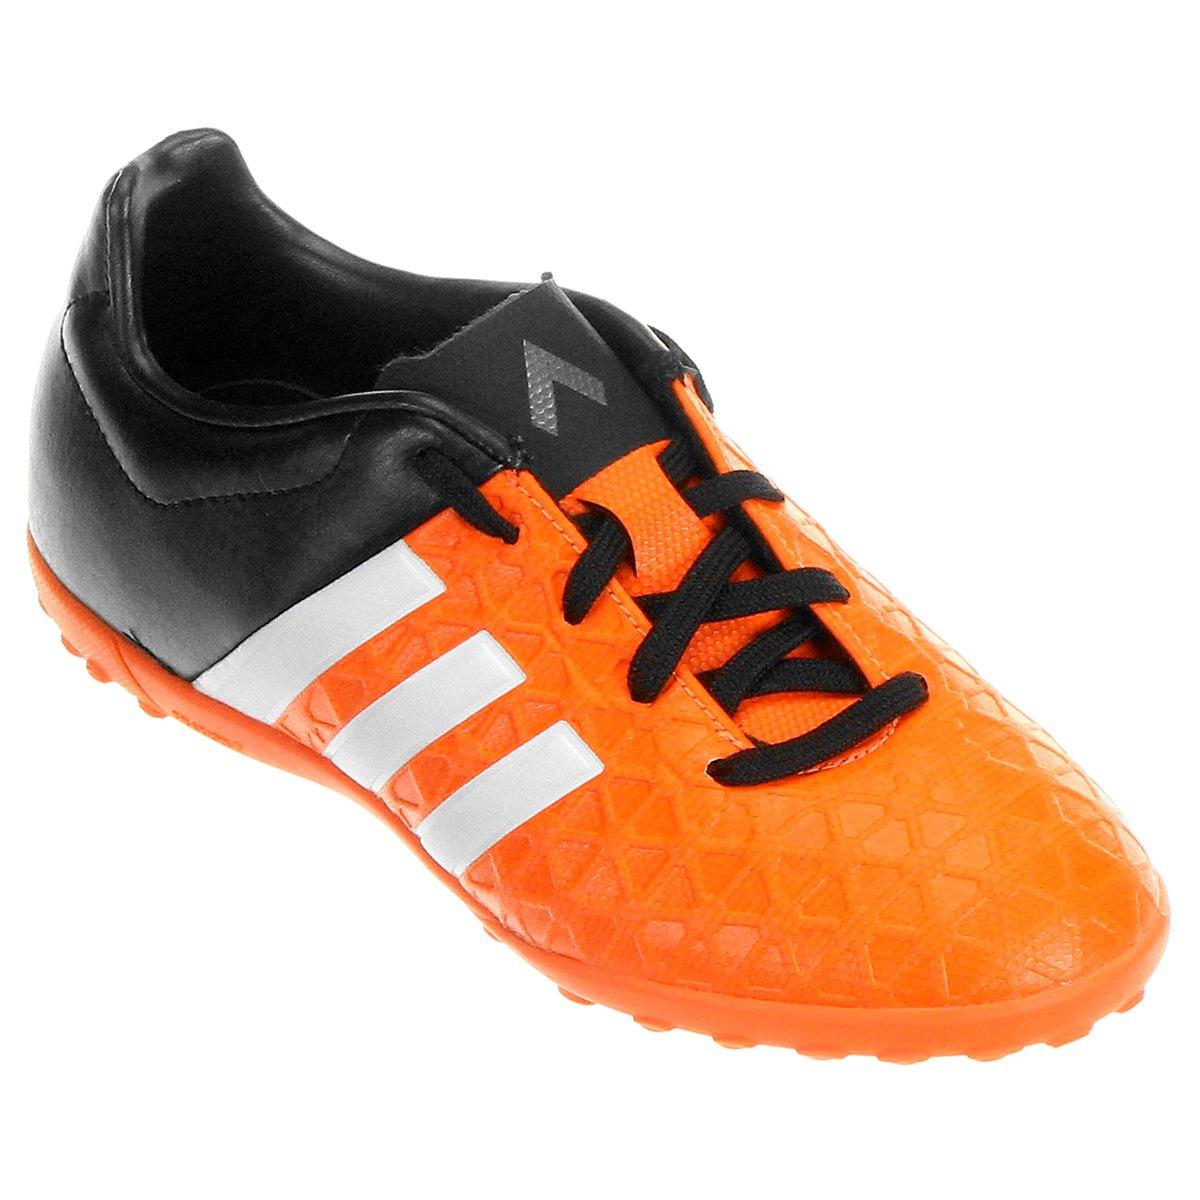 Chuteira Adidas Ace 15.4 TF Society Juvenil - Compre Agora  61c454624bc56